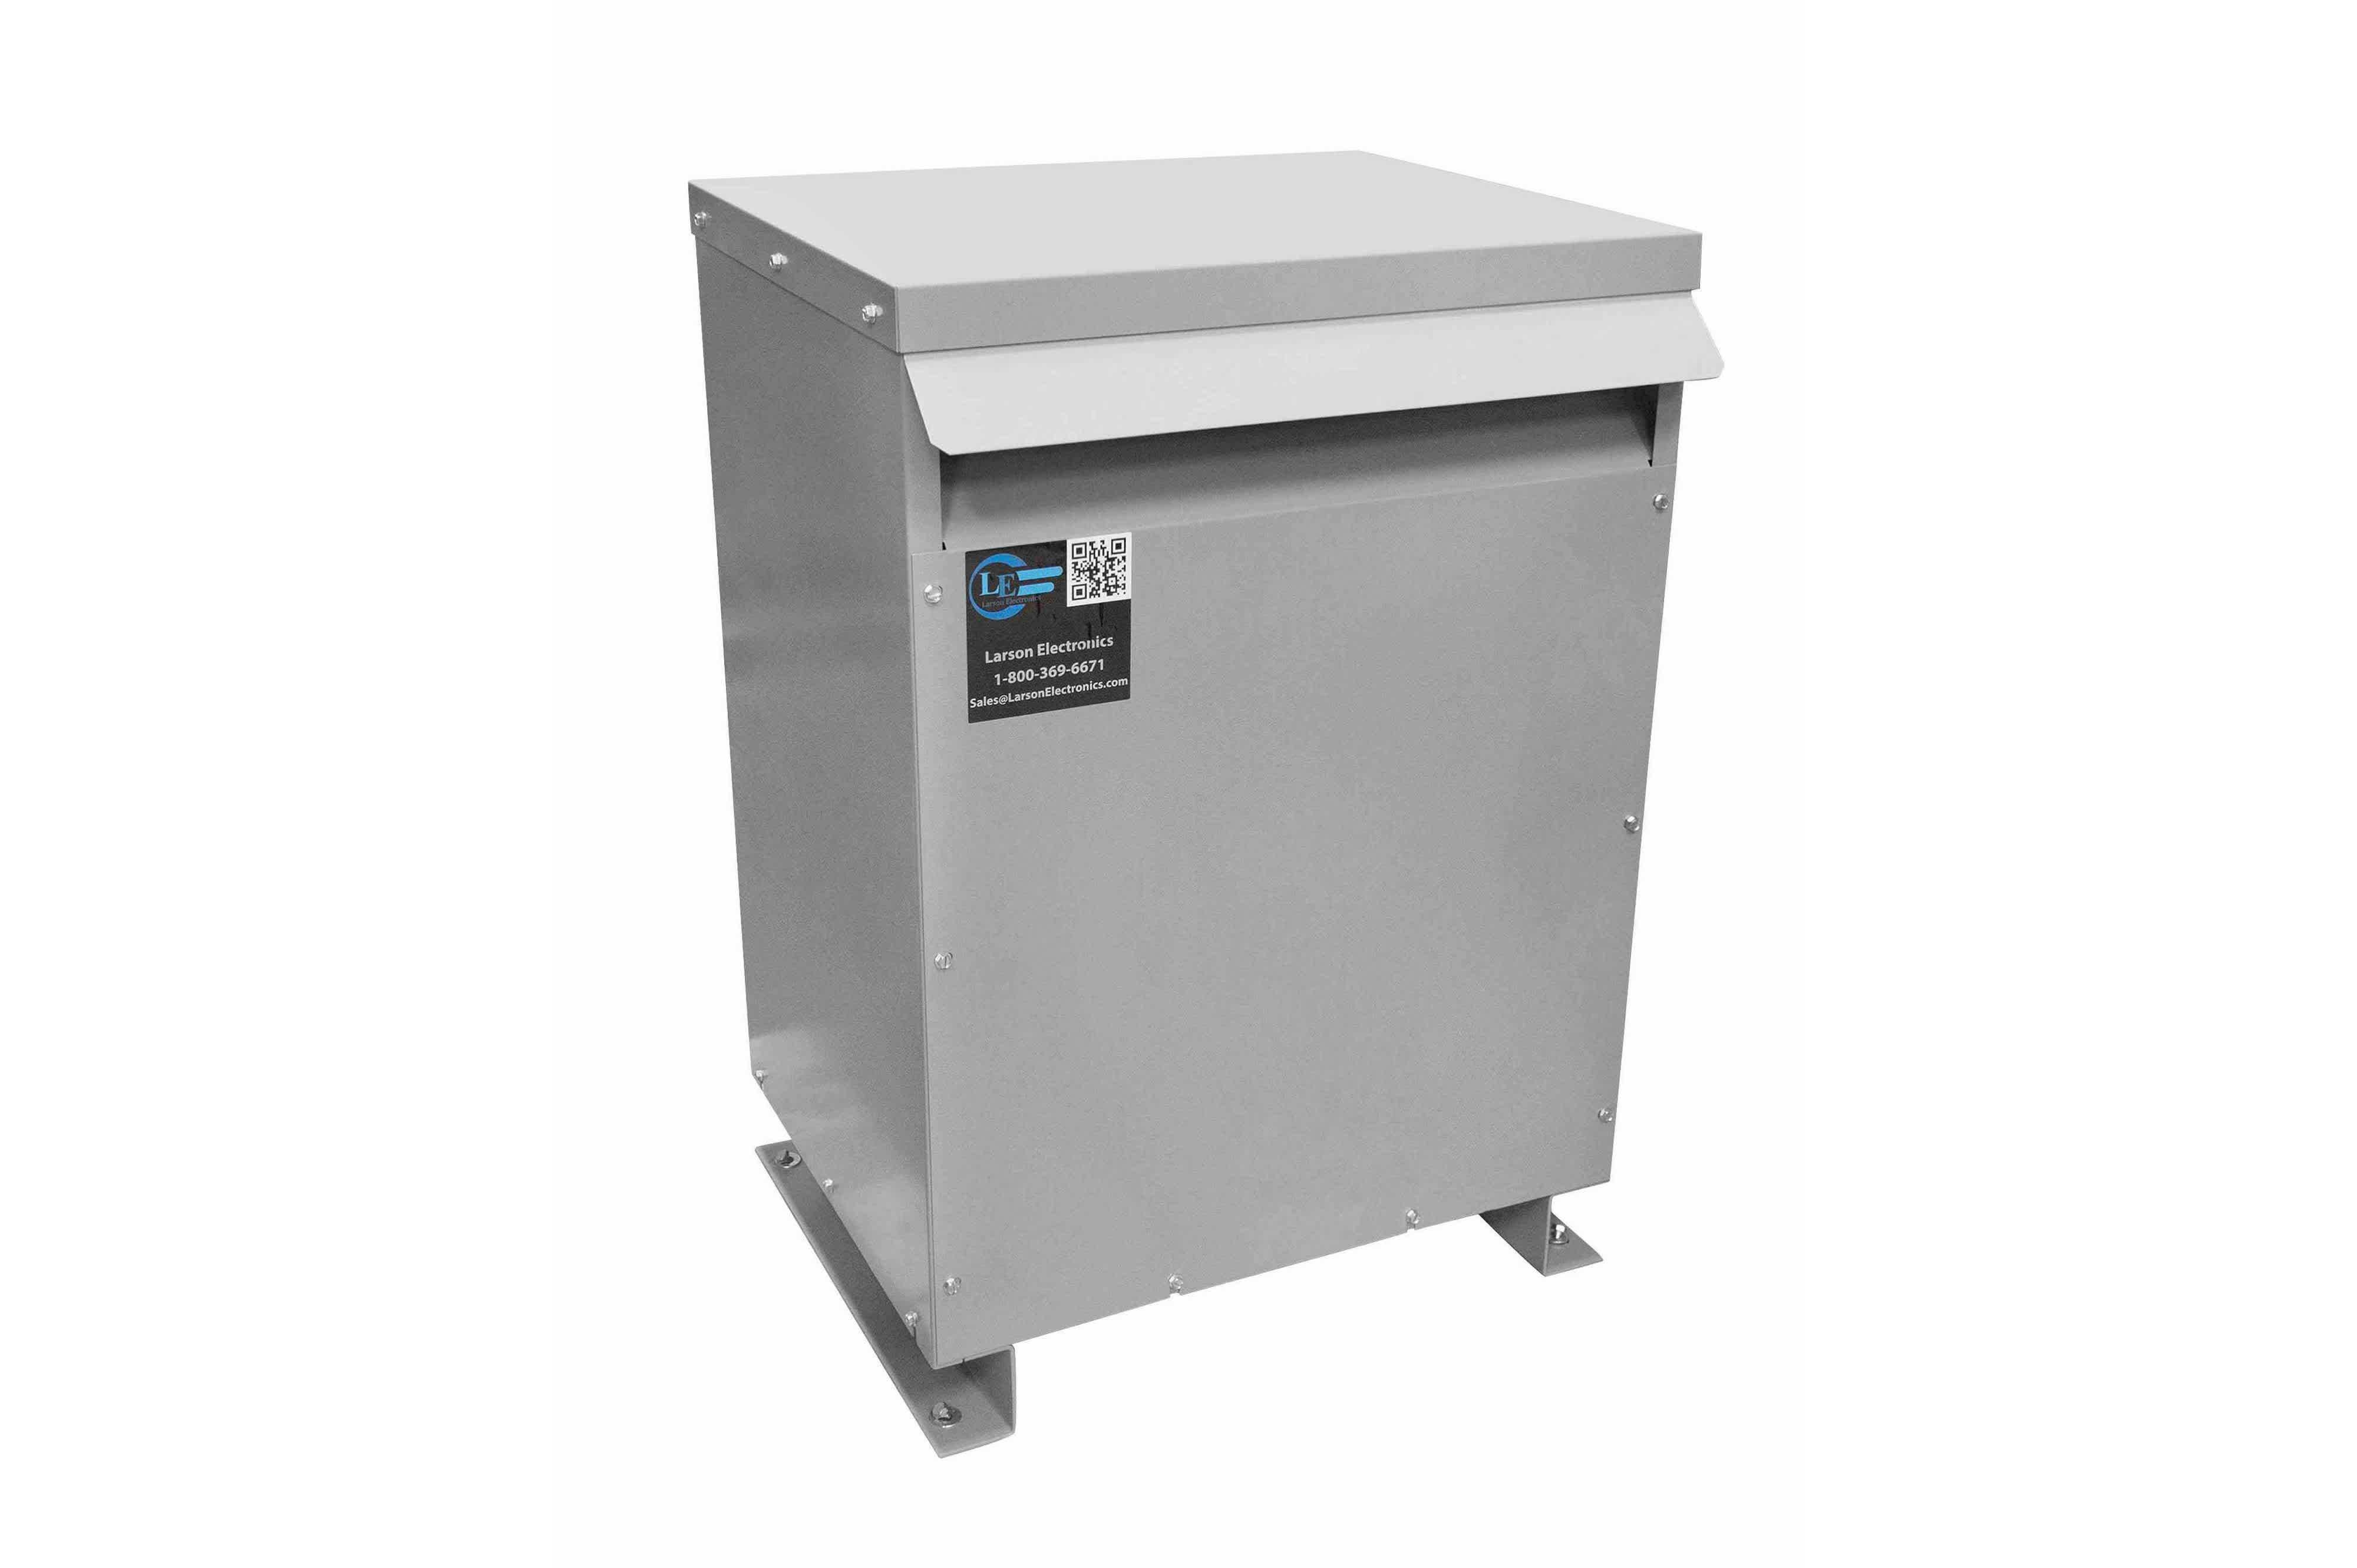 28 kVA 3PH Isolation Transformer, 208V Delta Primary, 415V Delta Secondary, N3R, Ventilated, 60 Hz